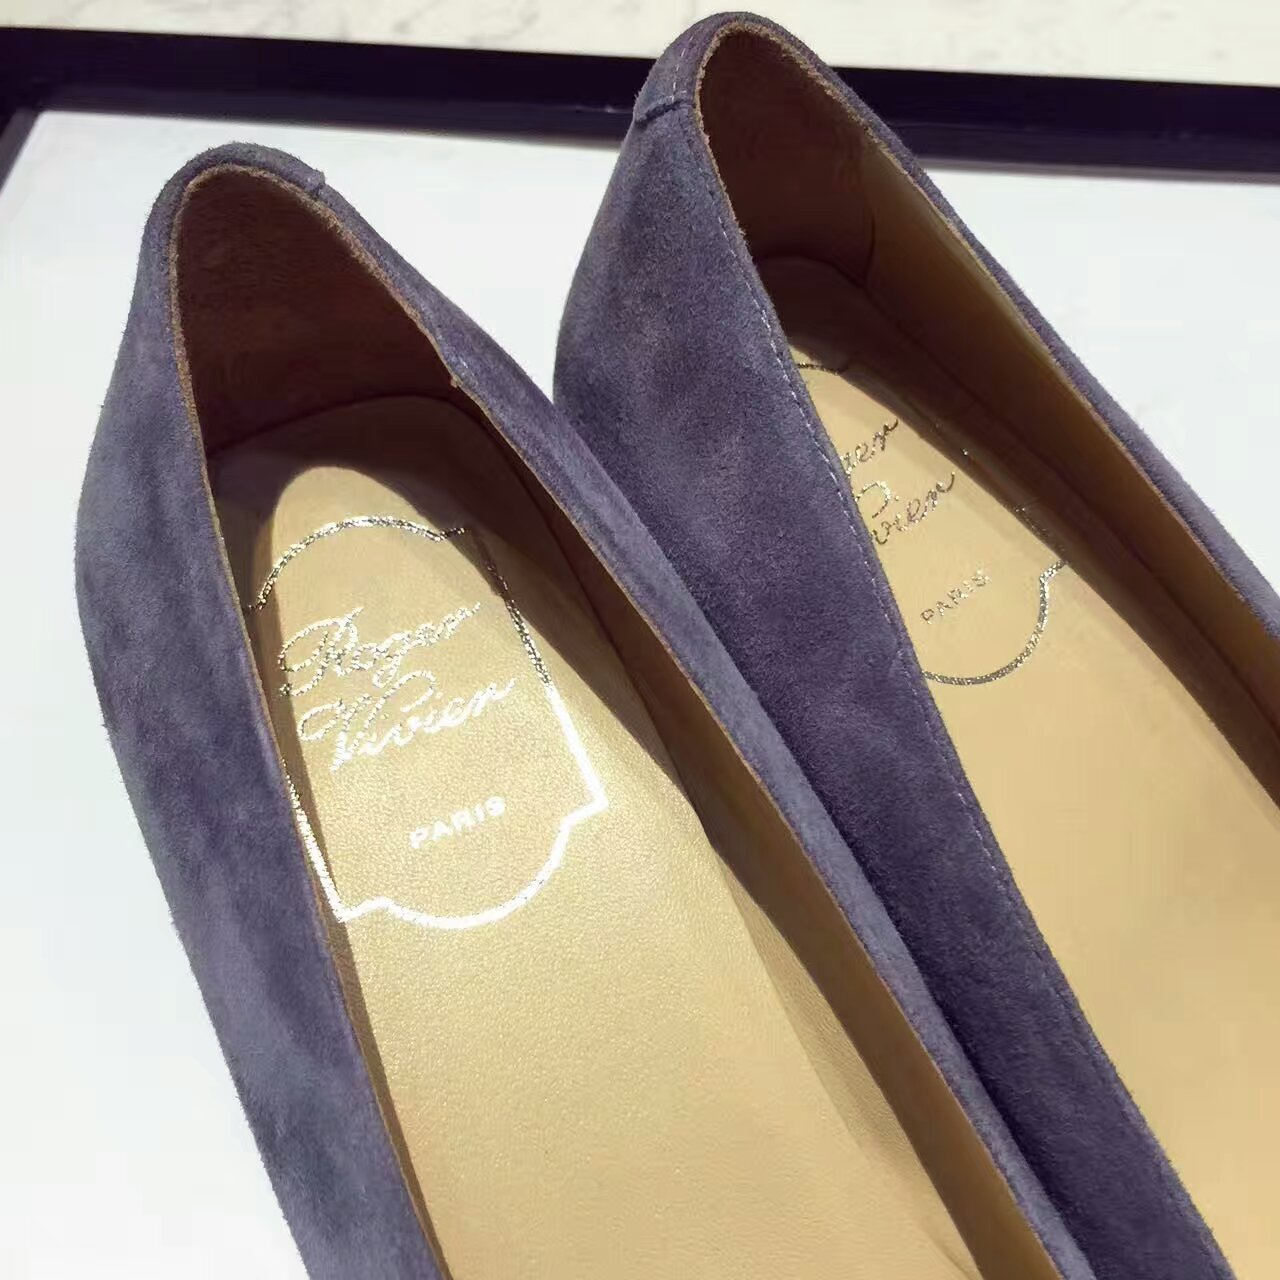 RV秋季新款单鞋16ss 支持专柜对比, 高逼格品质人群专供!